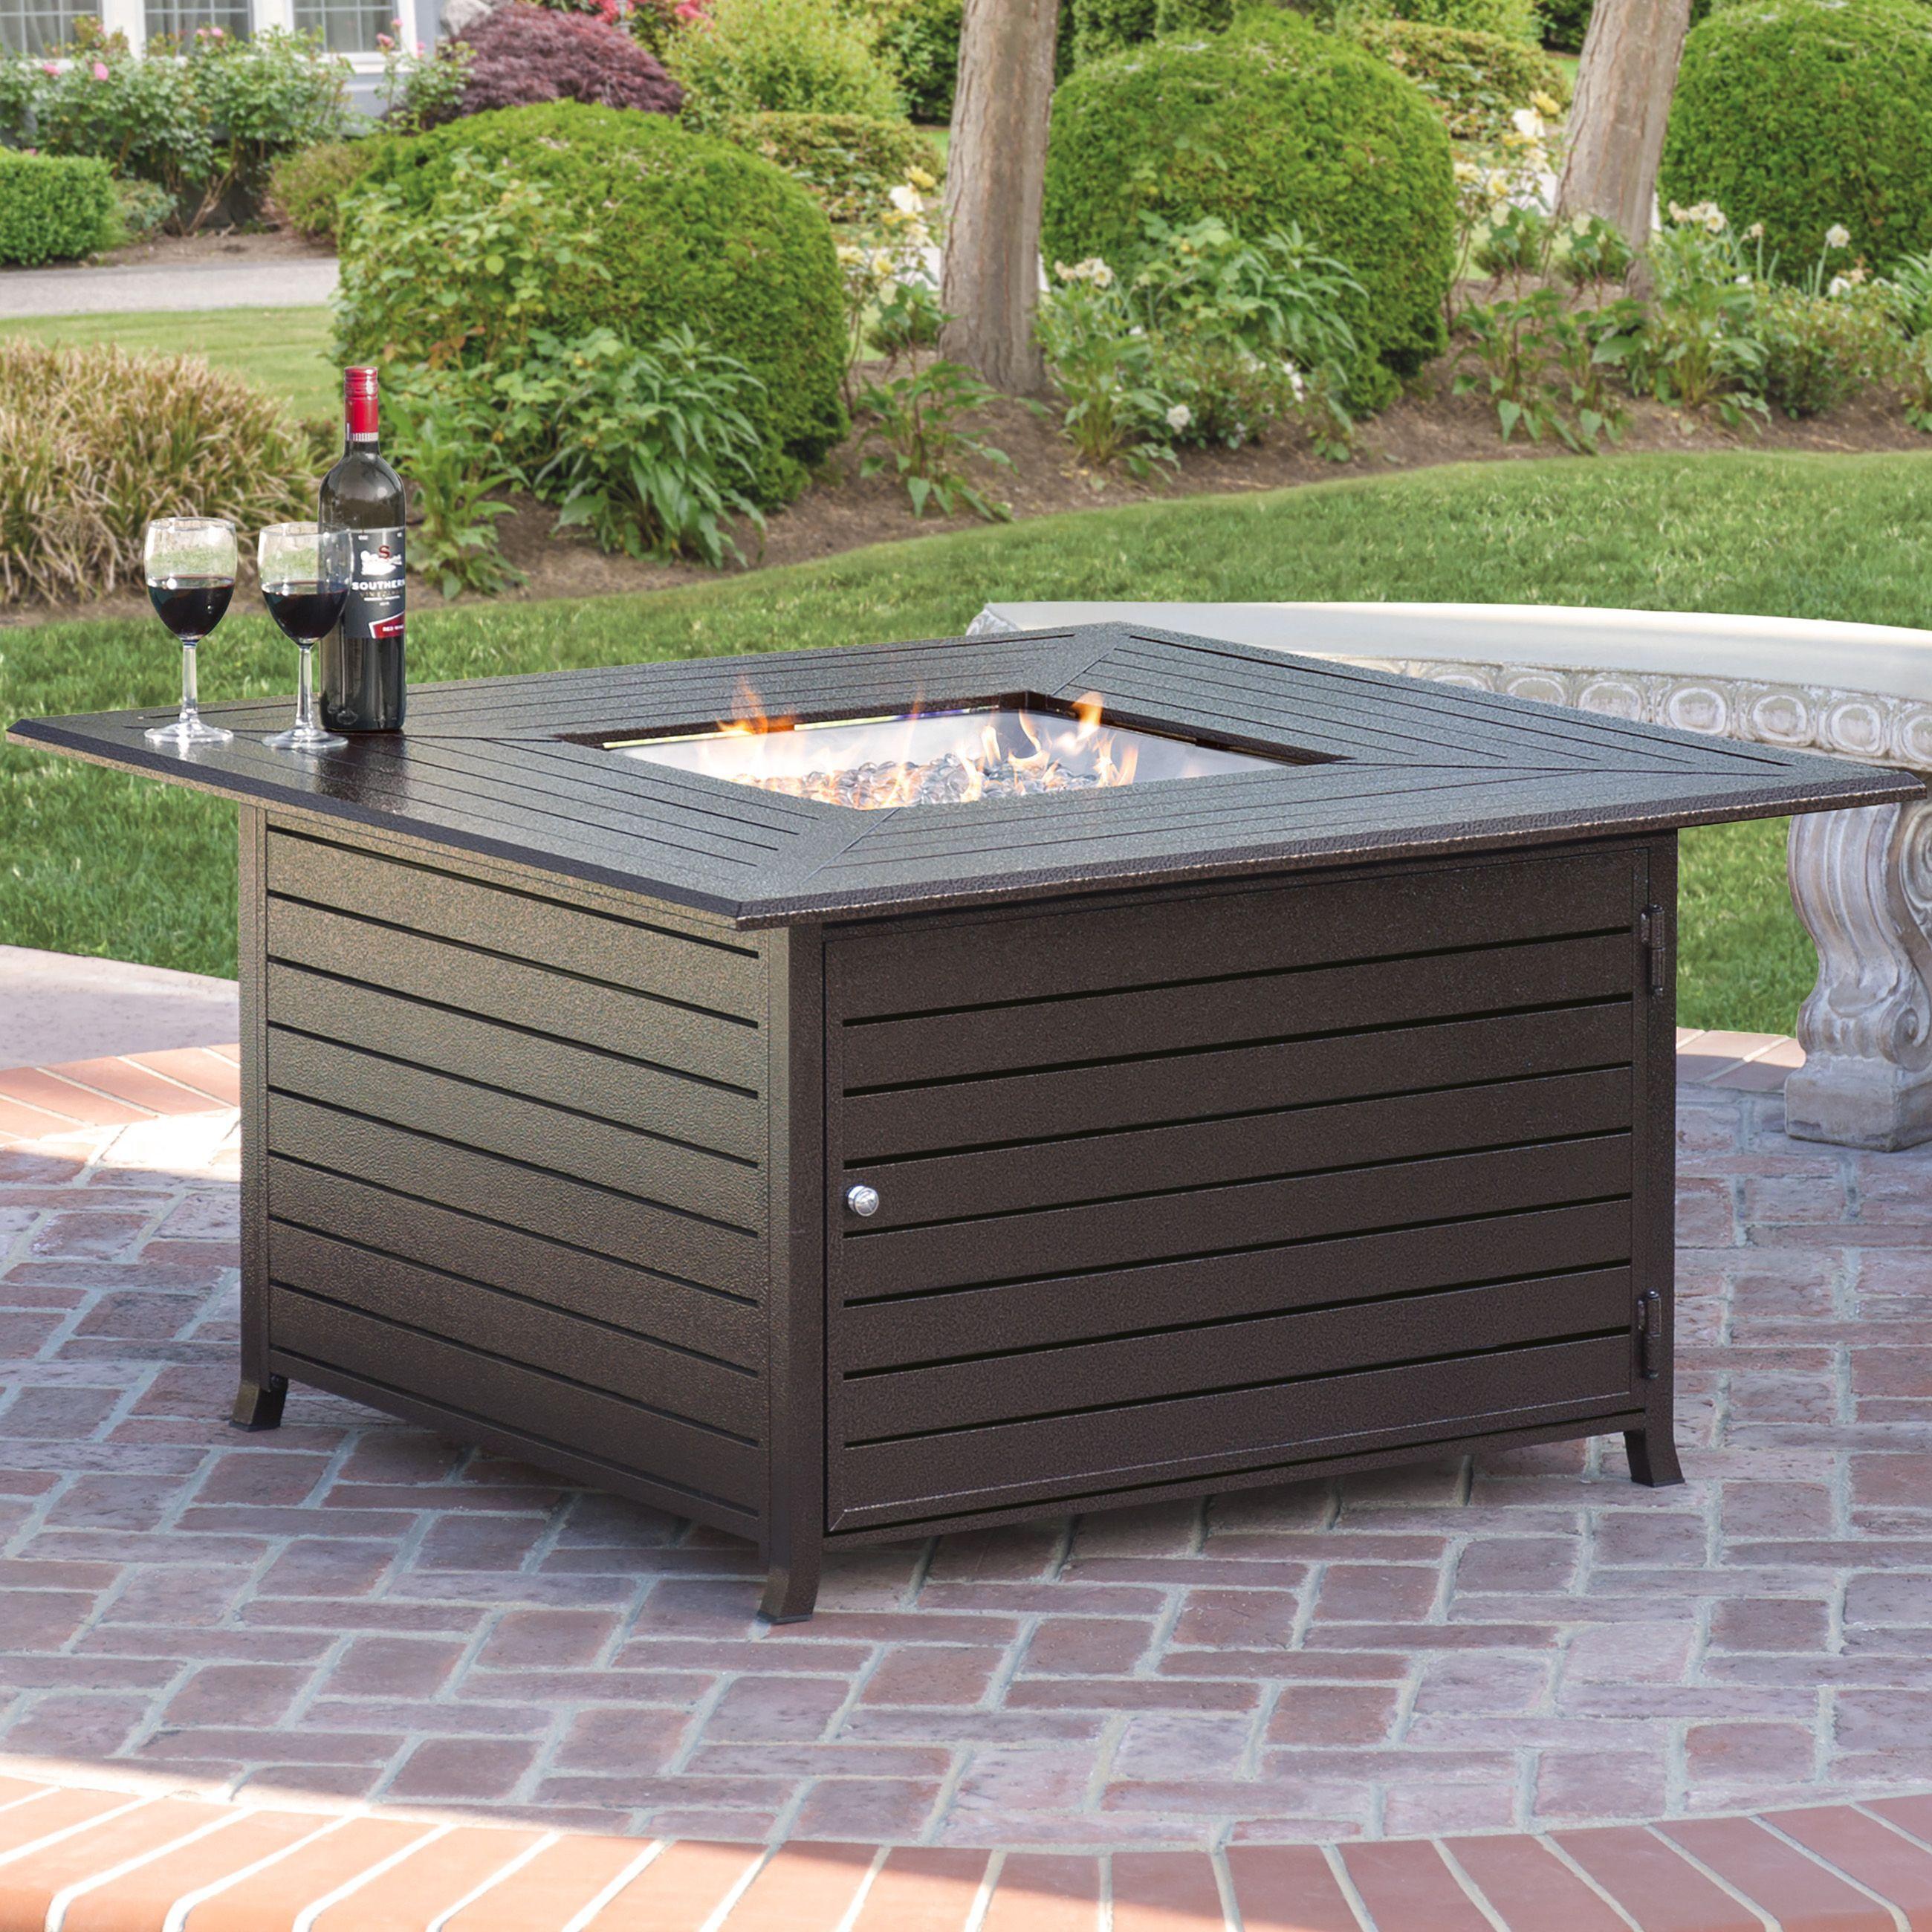 c4b5e18ab728e75b658df033d8707f15 - Better Homes And Gardens Fire Pit Ideas